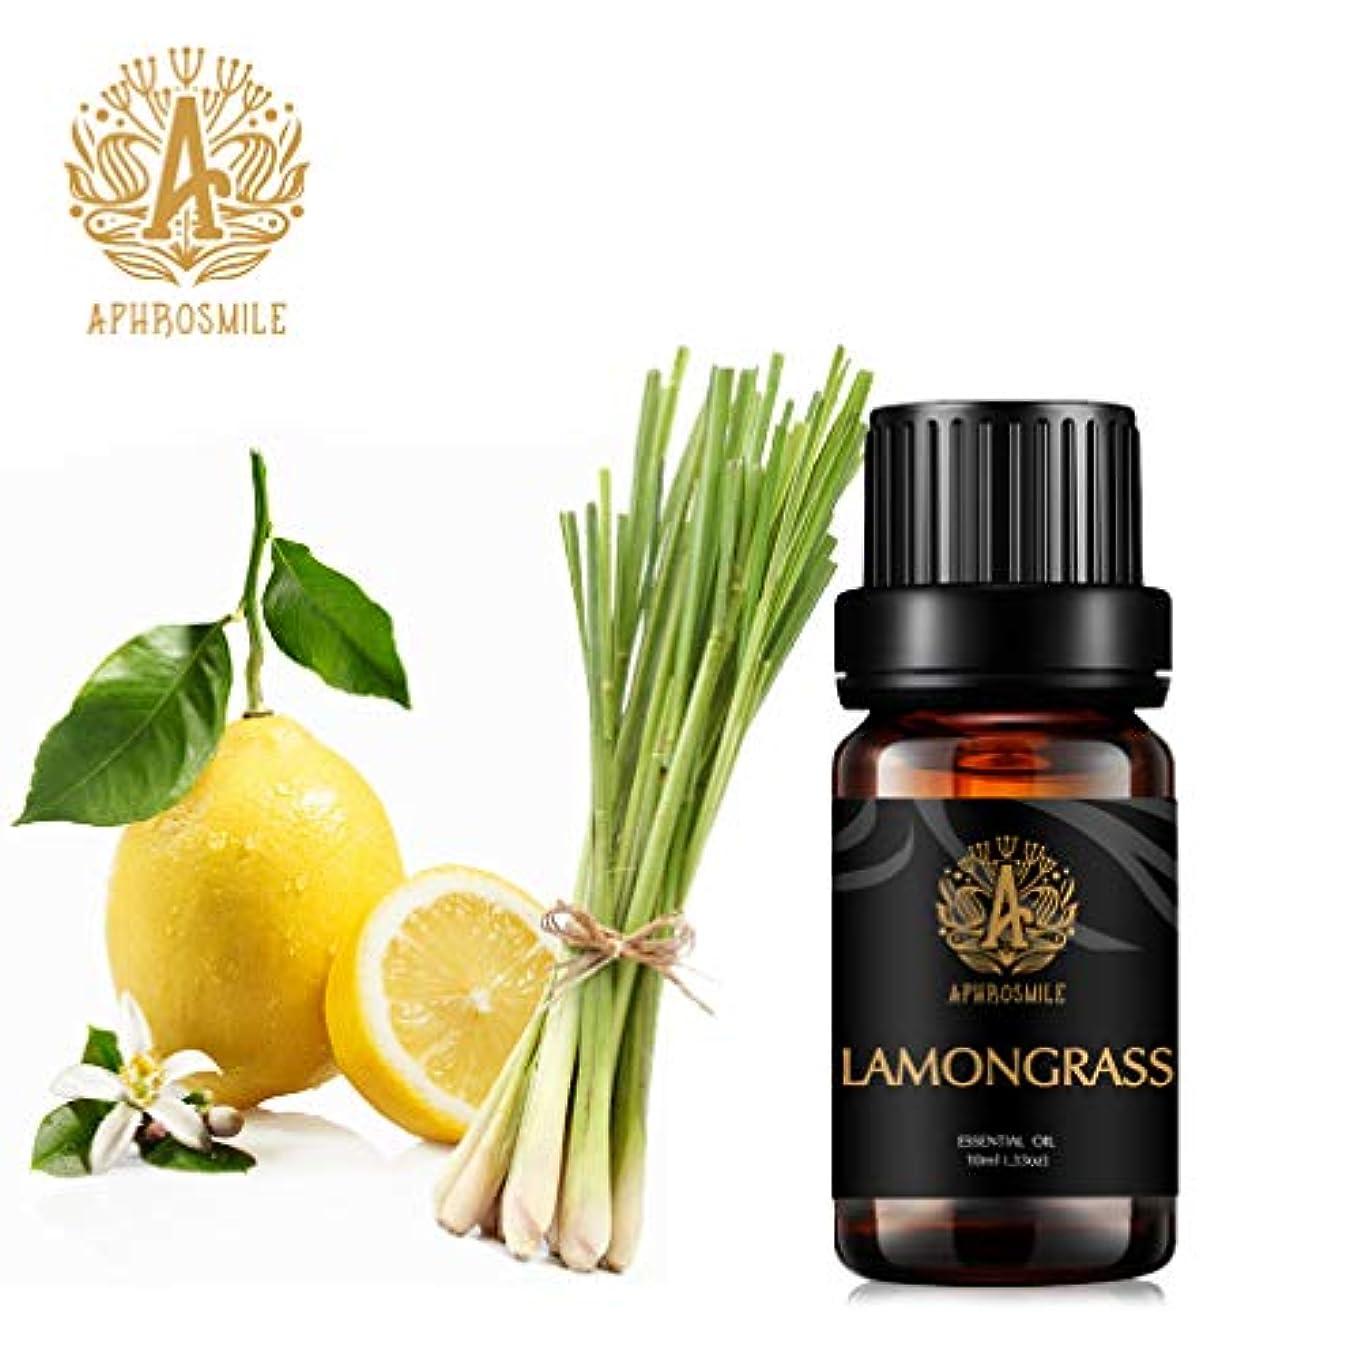 適度な単に侵入レモングラスのエッセンシャルオイル、100%純粋なアロマセラピーエッセンシャルオイルレモングラス香り、疲労を和らげ、治療上の等級の精油レモングラスの芳香為に拡散器、マッサージ、加湿器、毎日の心配、0.33オンス-10ml